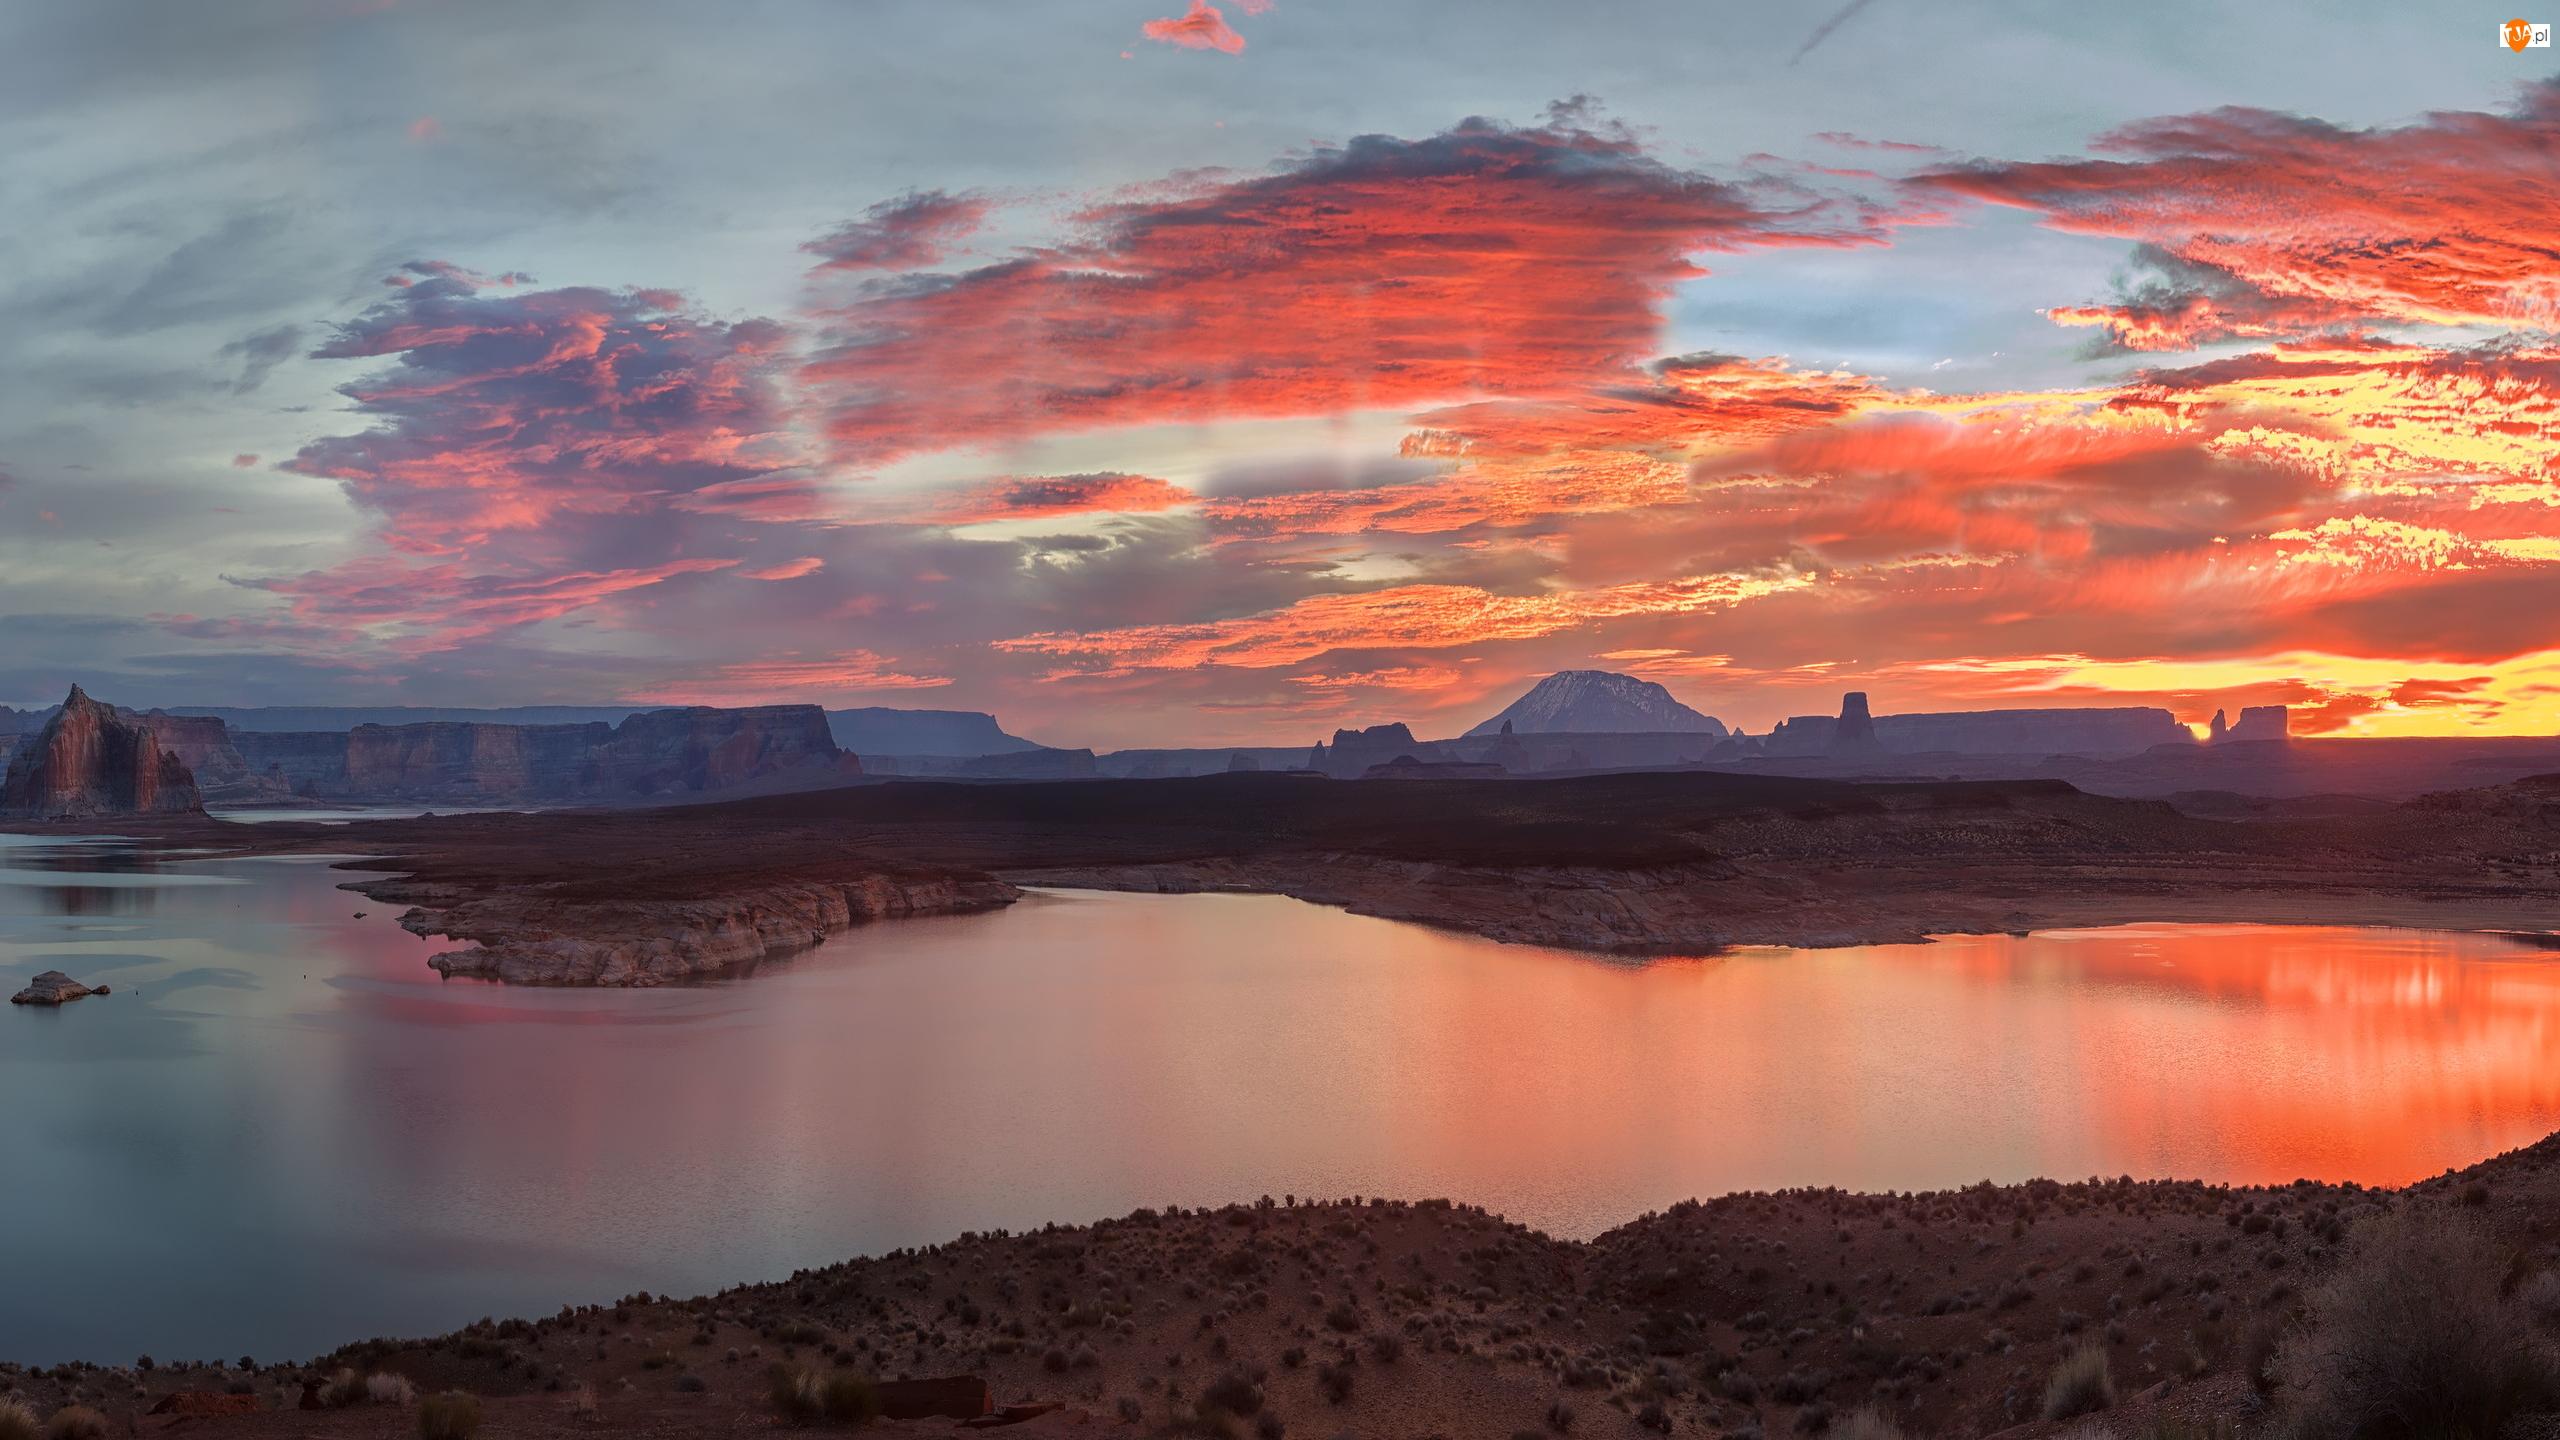 Wschód słońca, Jezioro, Glen Canyon, Arizona, Lake Powell, Skały, Stany Zjednoczone, Kanion